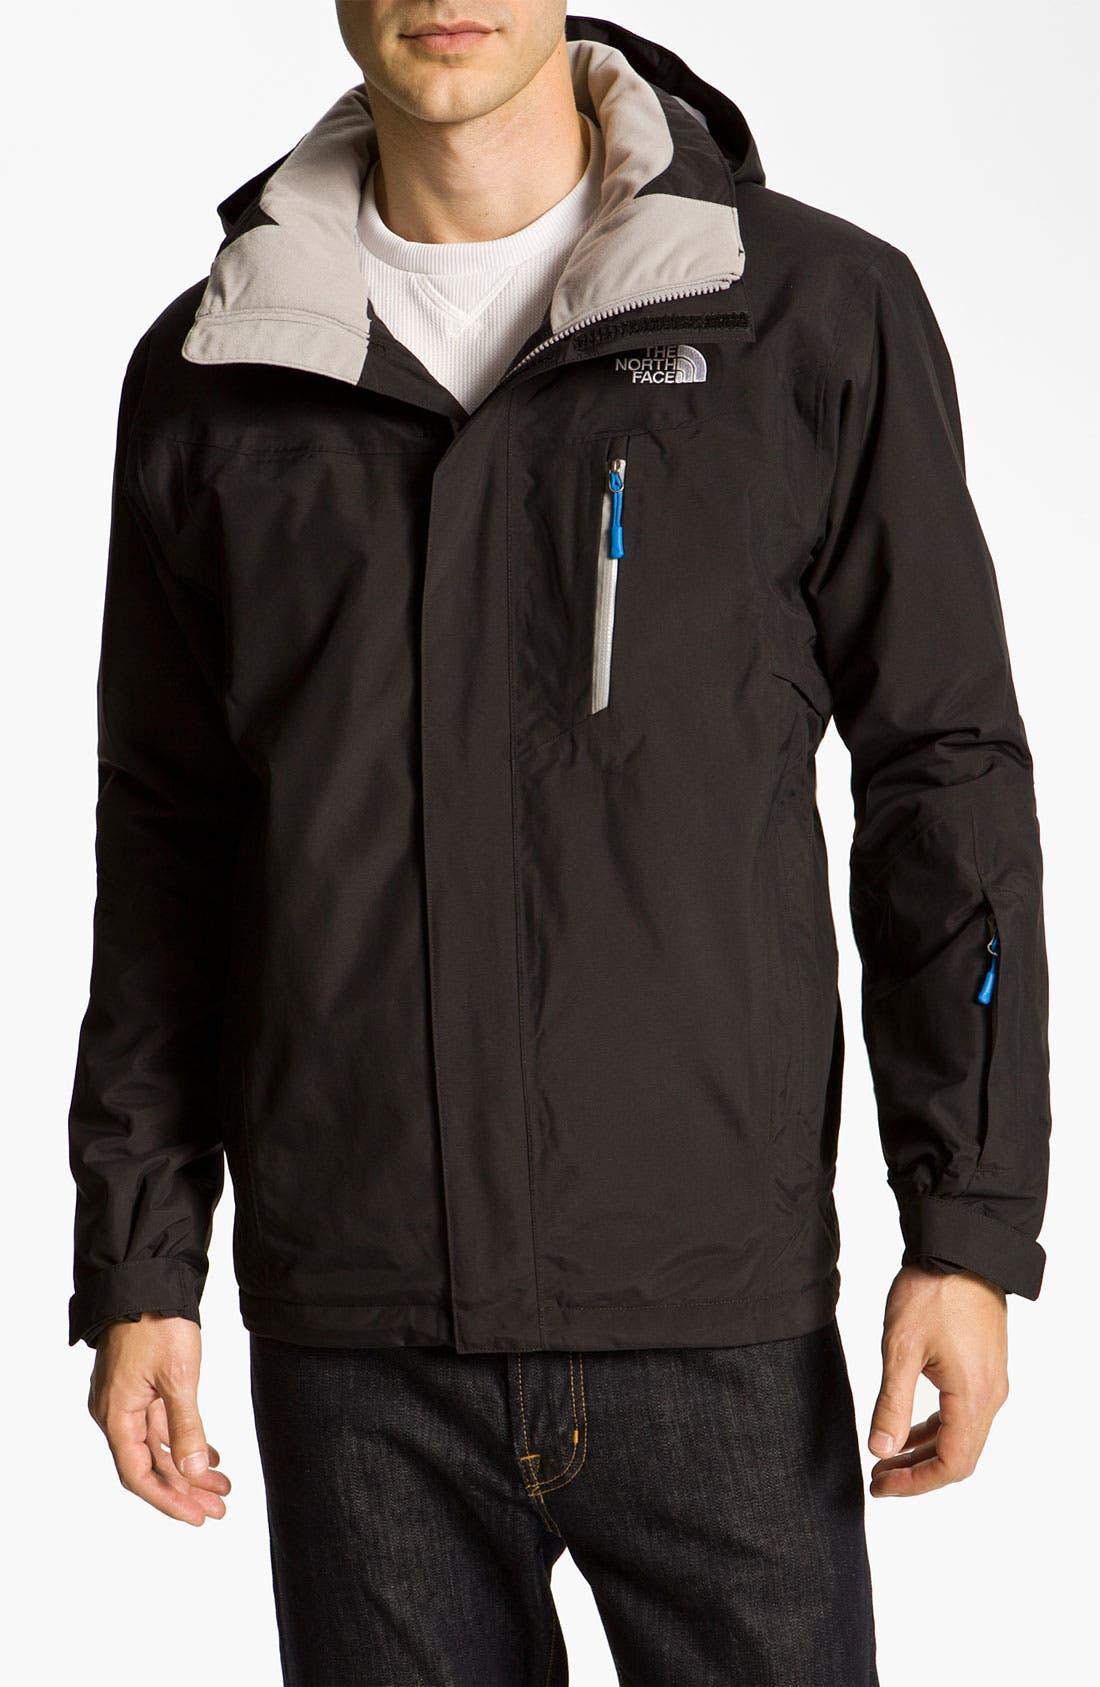 Main Image - The North Face 'Peskara' Jacket